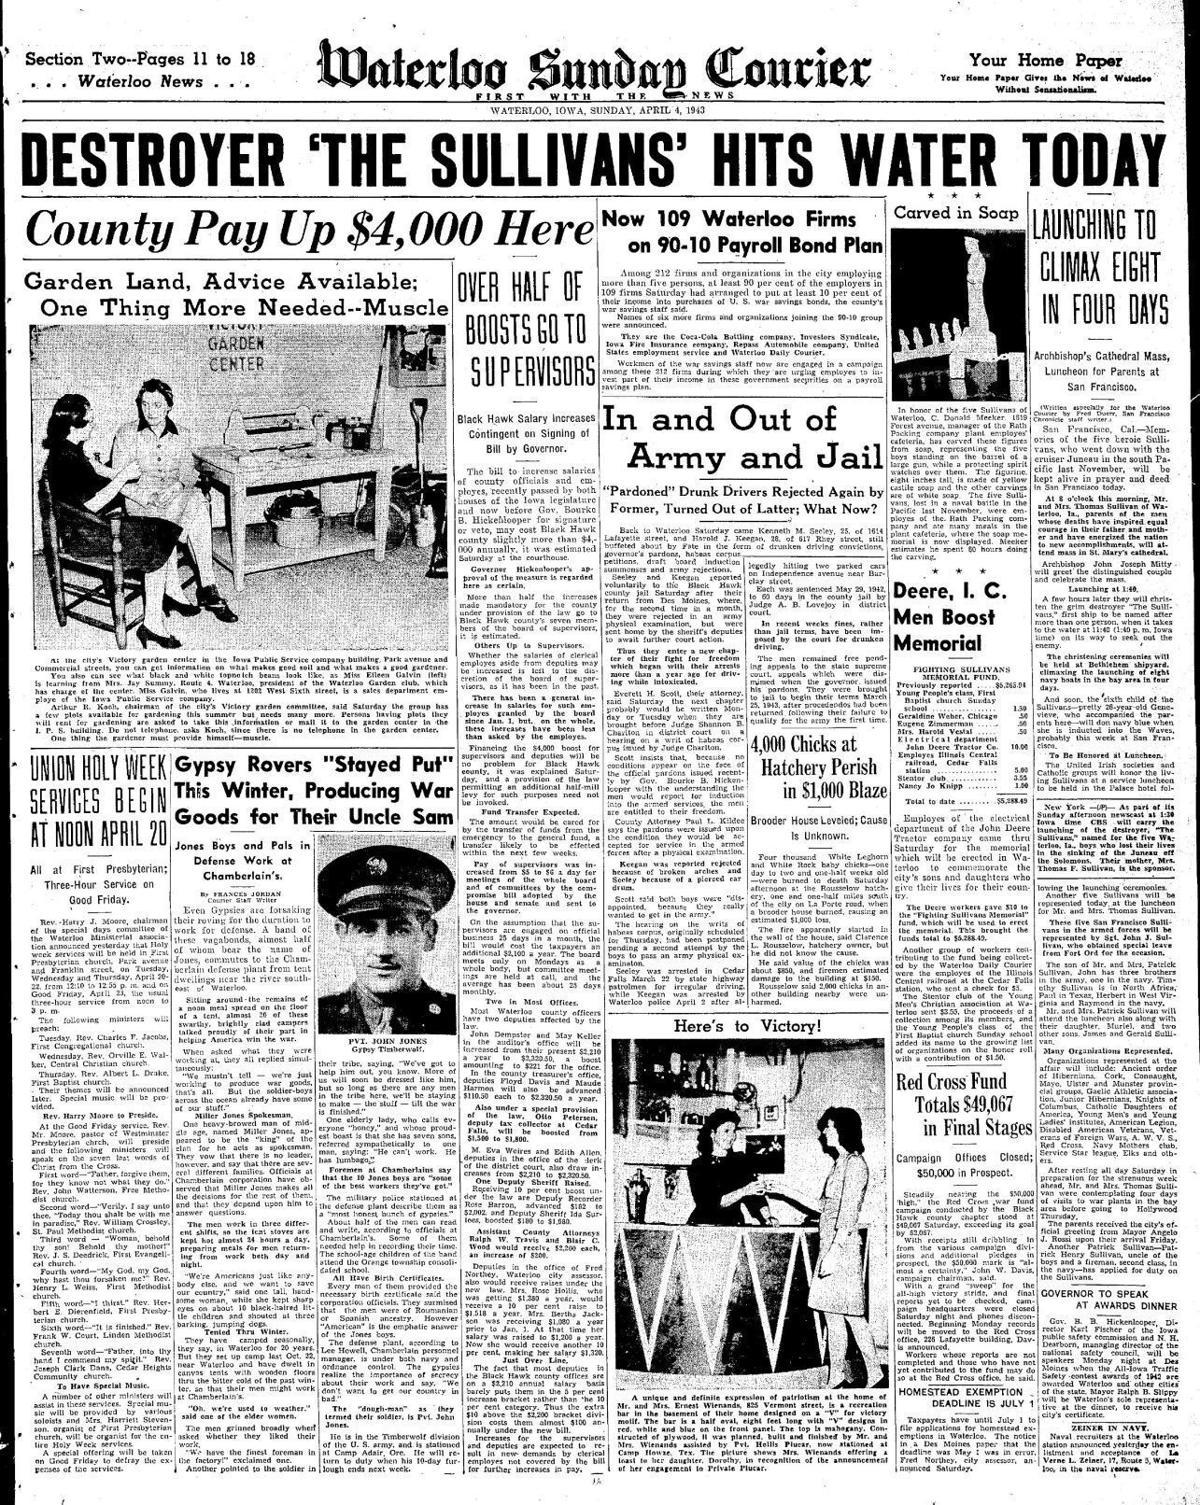 Courier April 4, 1943